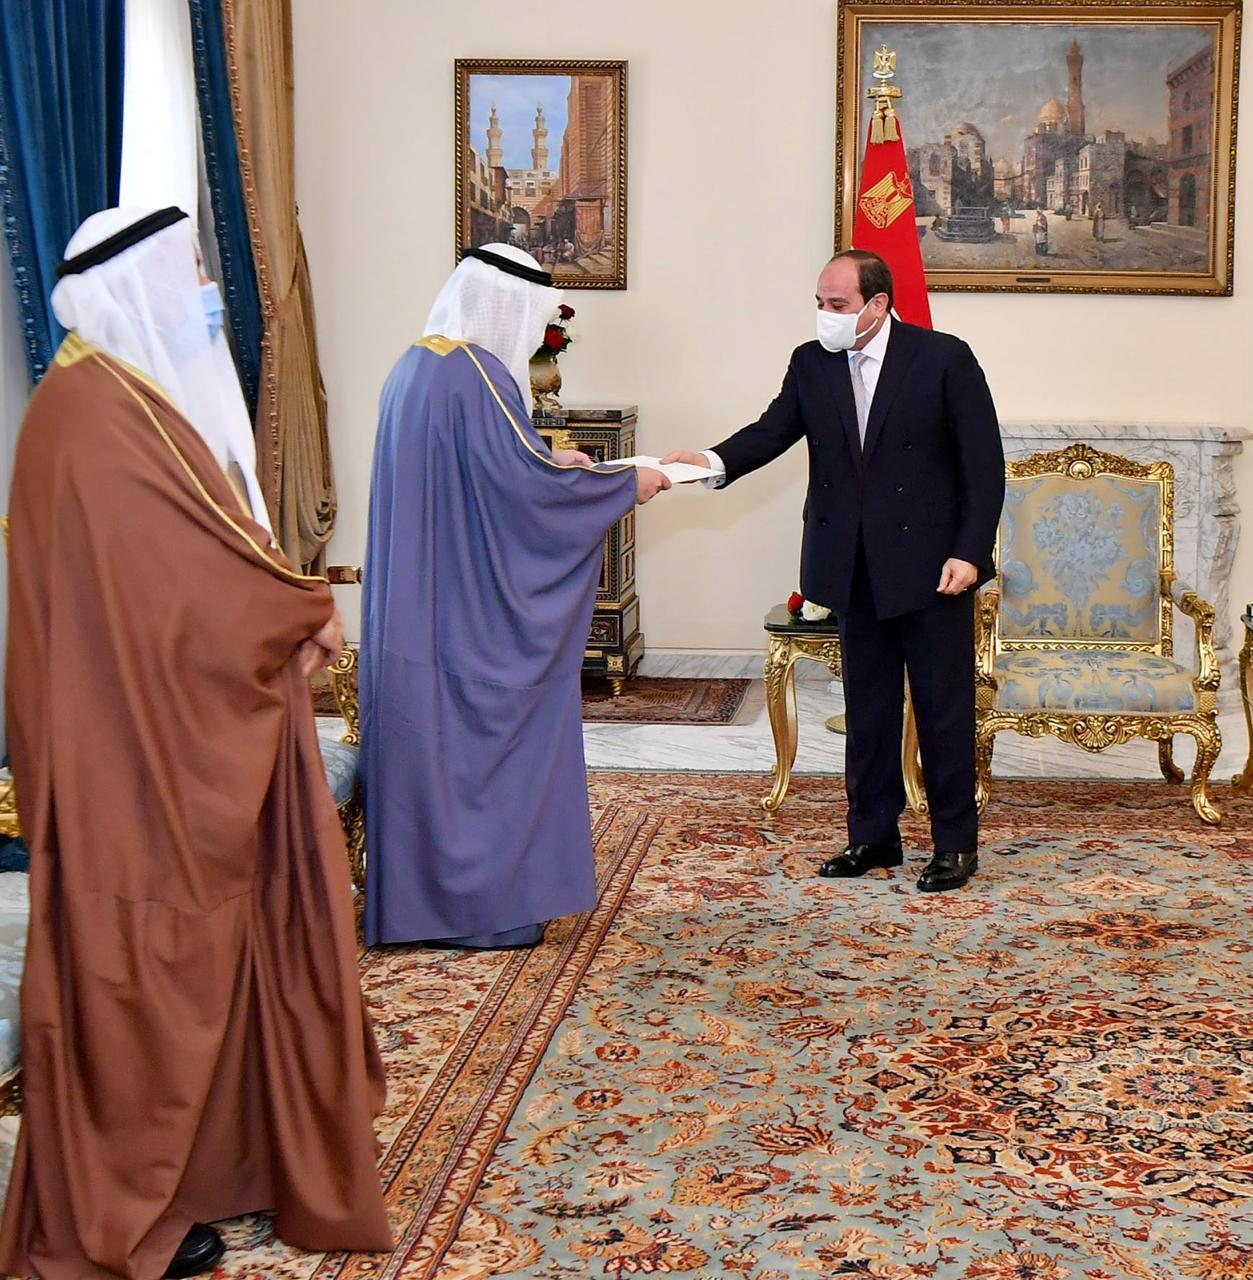 الرئيس السيسي يستقبل الدكتور أحمد ناصر الصباح وزير الخارجية الكويتي (3)